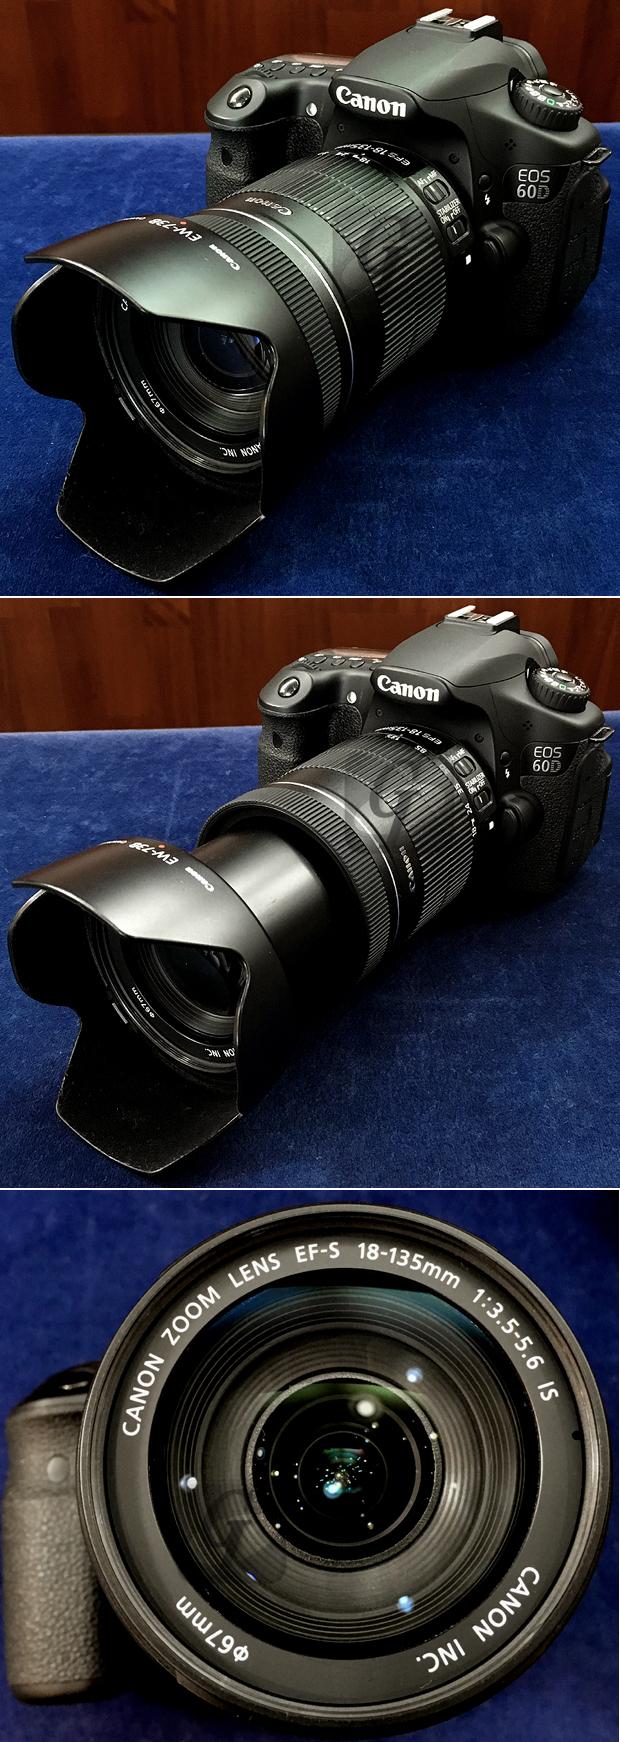 """【キャノン Canon """"EOS 60D""""】デジタル カメラ 買取市場と軽量化・スペックを上手くトレードしたバランスの良い全方位モデル"""